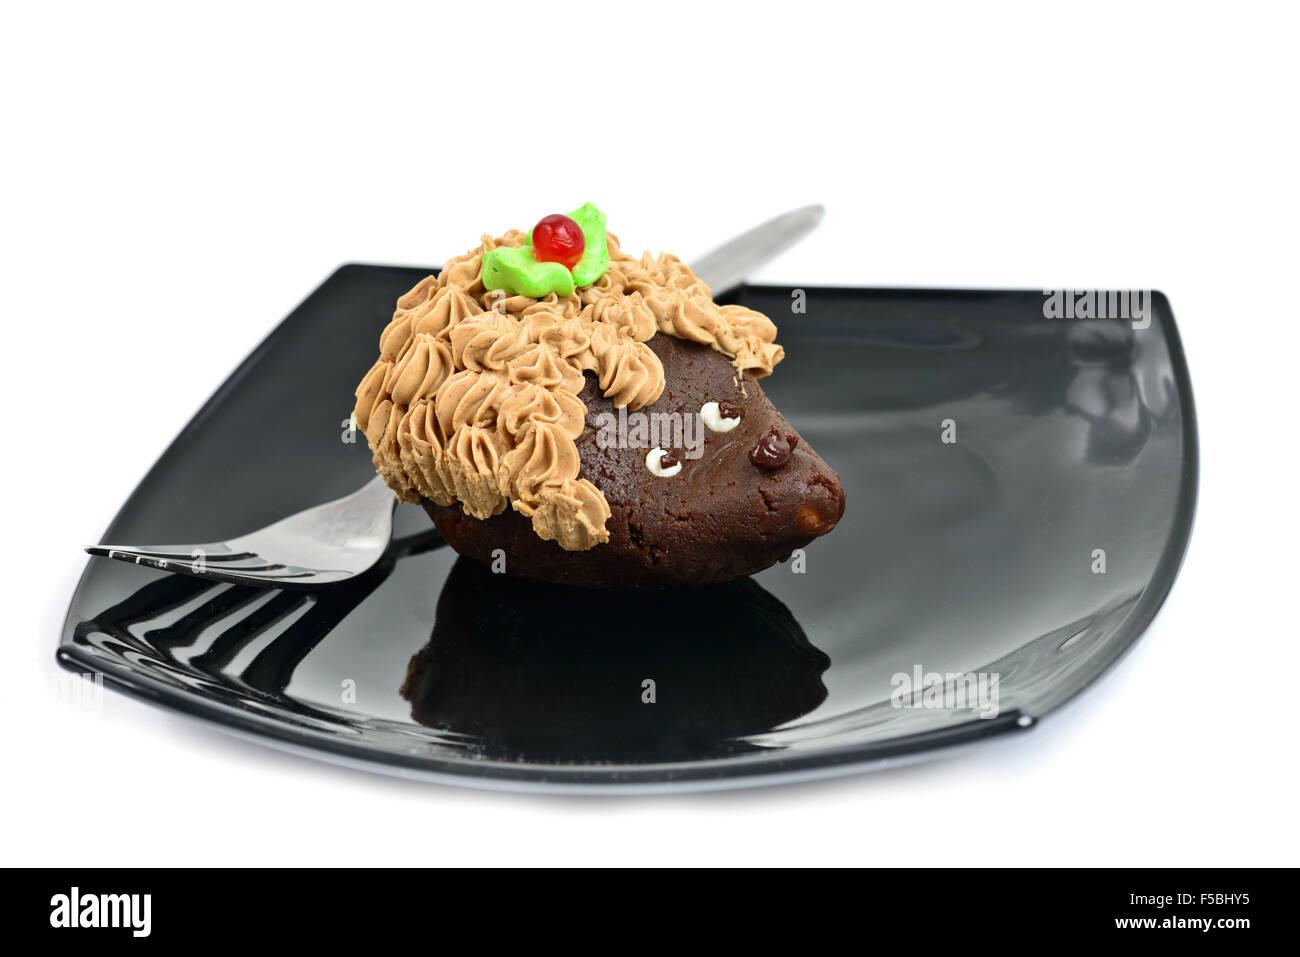 Schokoladen Kuchen Verziert Als Igel Auf Schwarzem Teller Isoliert